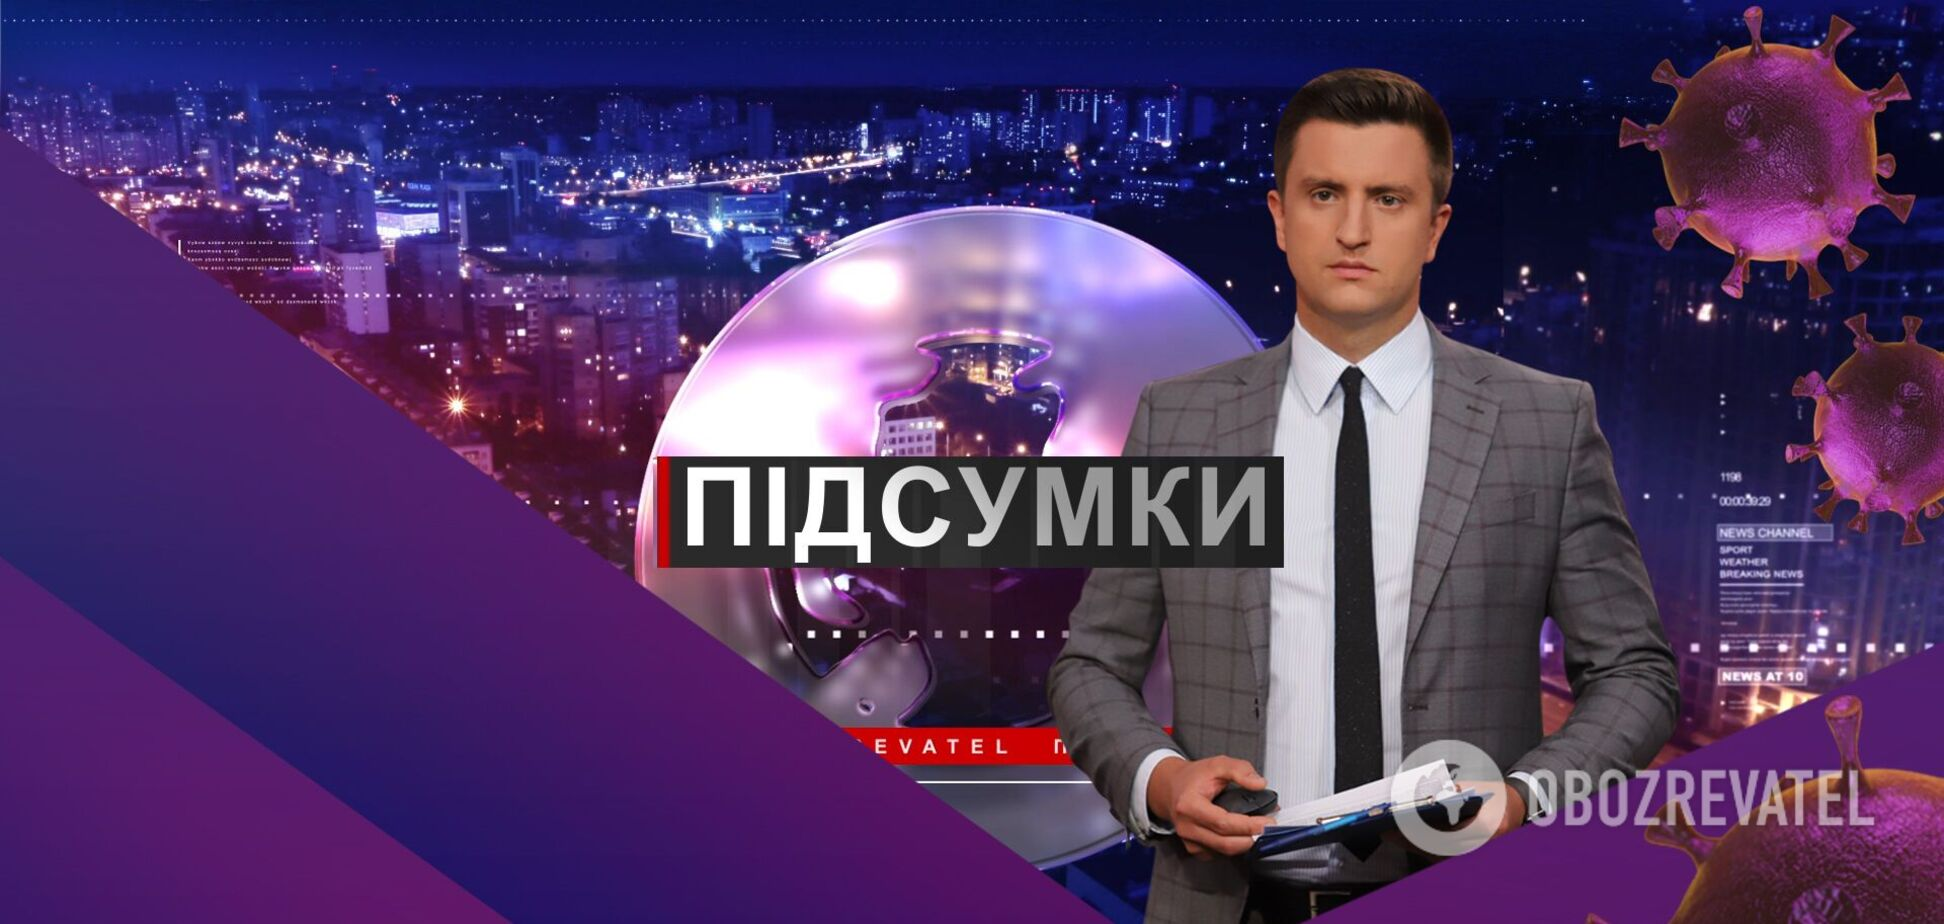 Підсумки дня з Вадимом Колодійчуком. Понеділок, 18 січня